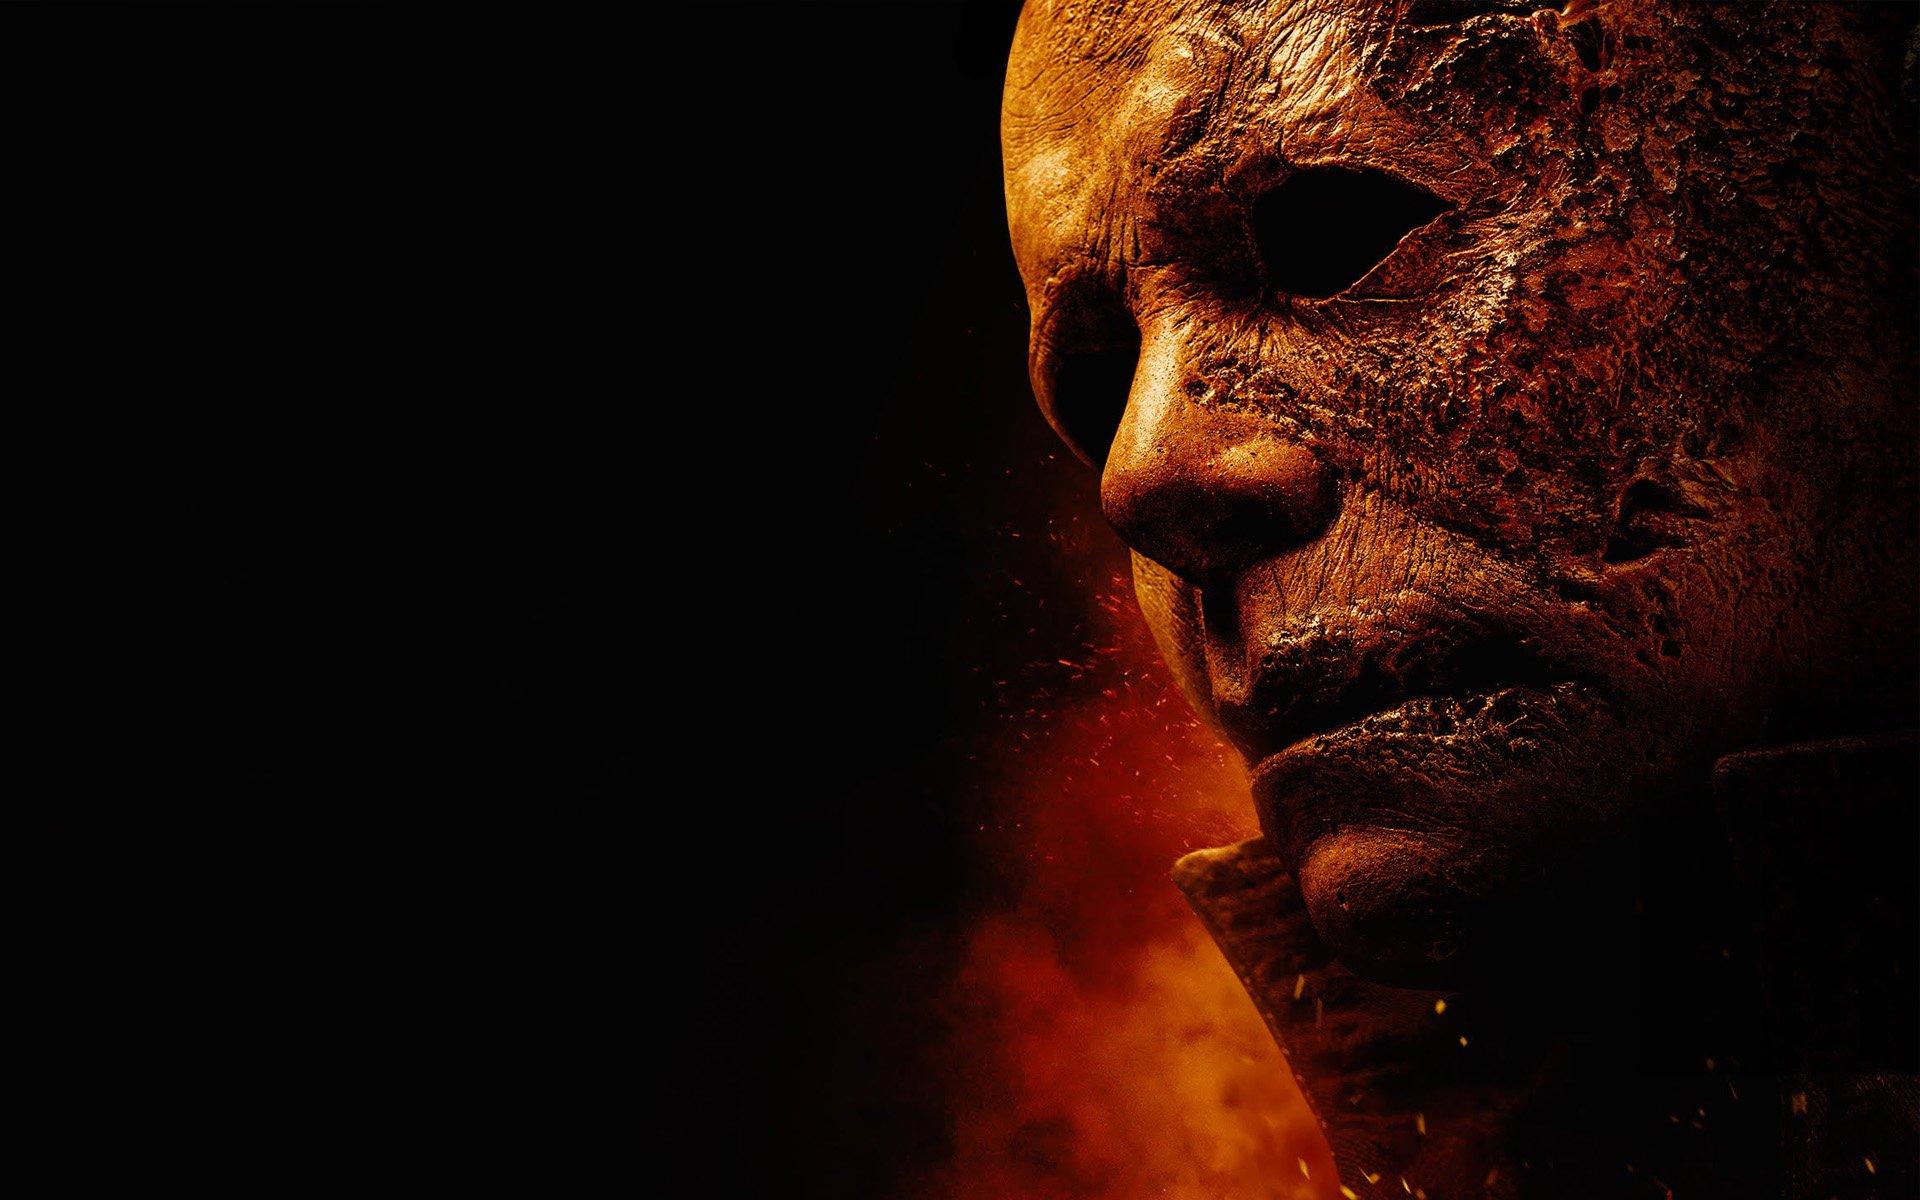 Смотри фильм Хэллоуин убивает в кинотеатре